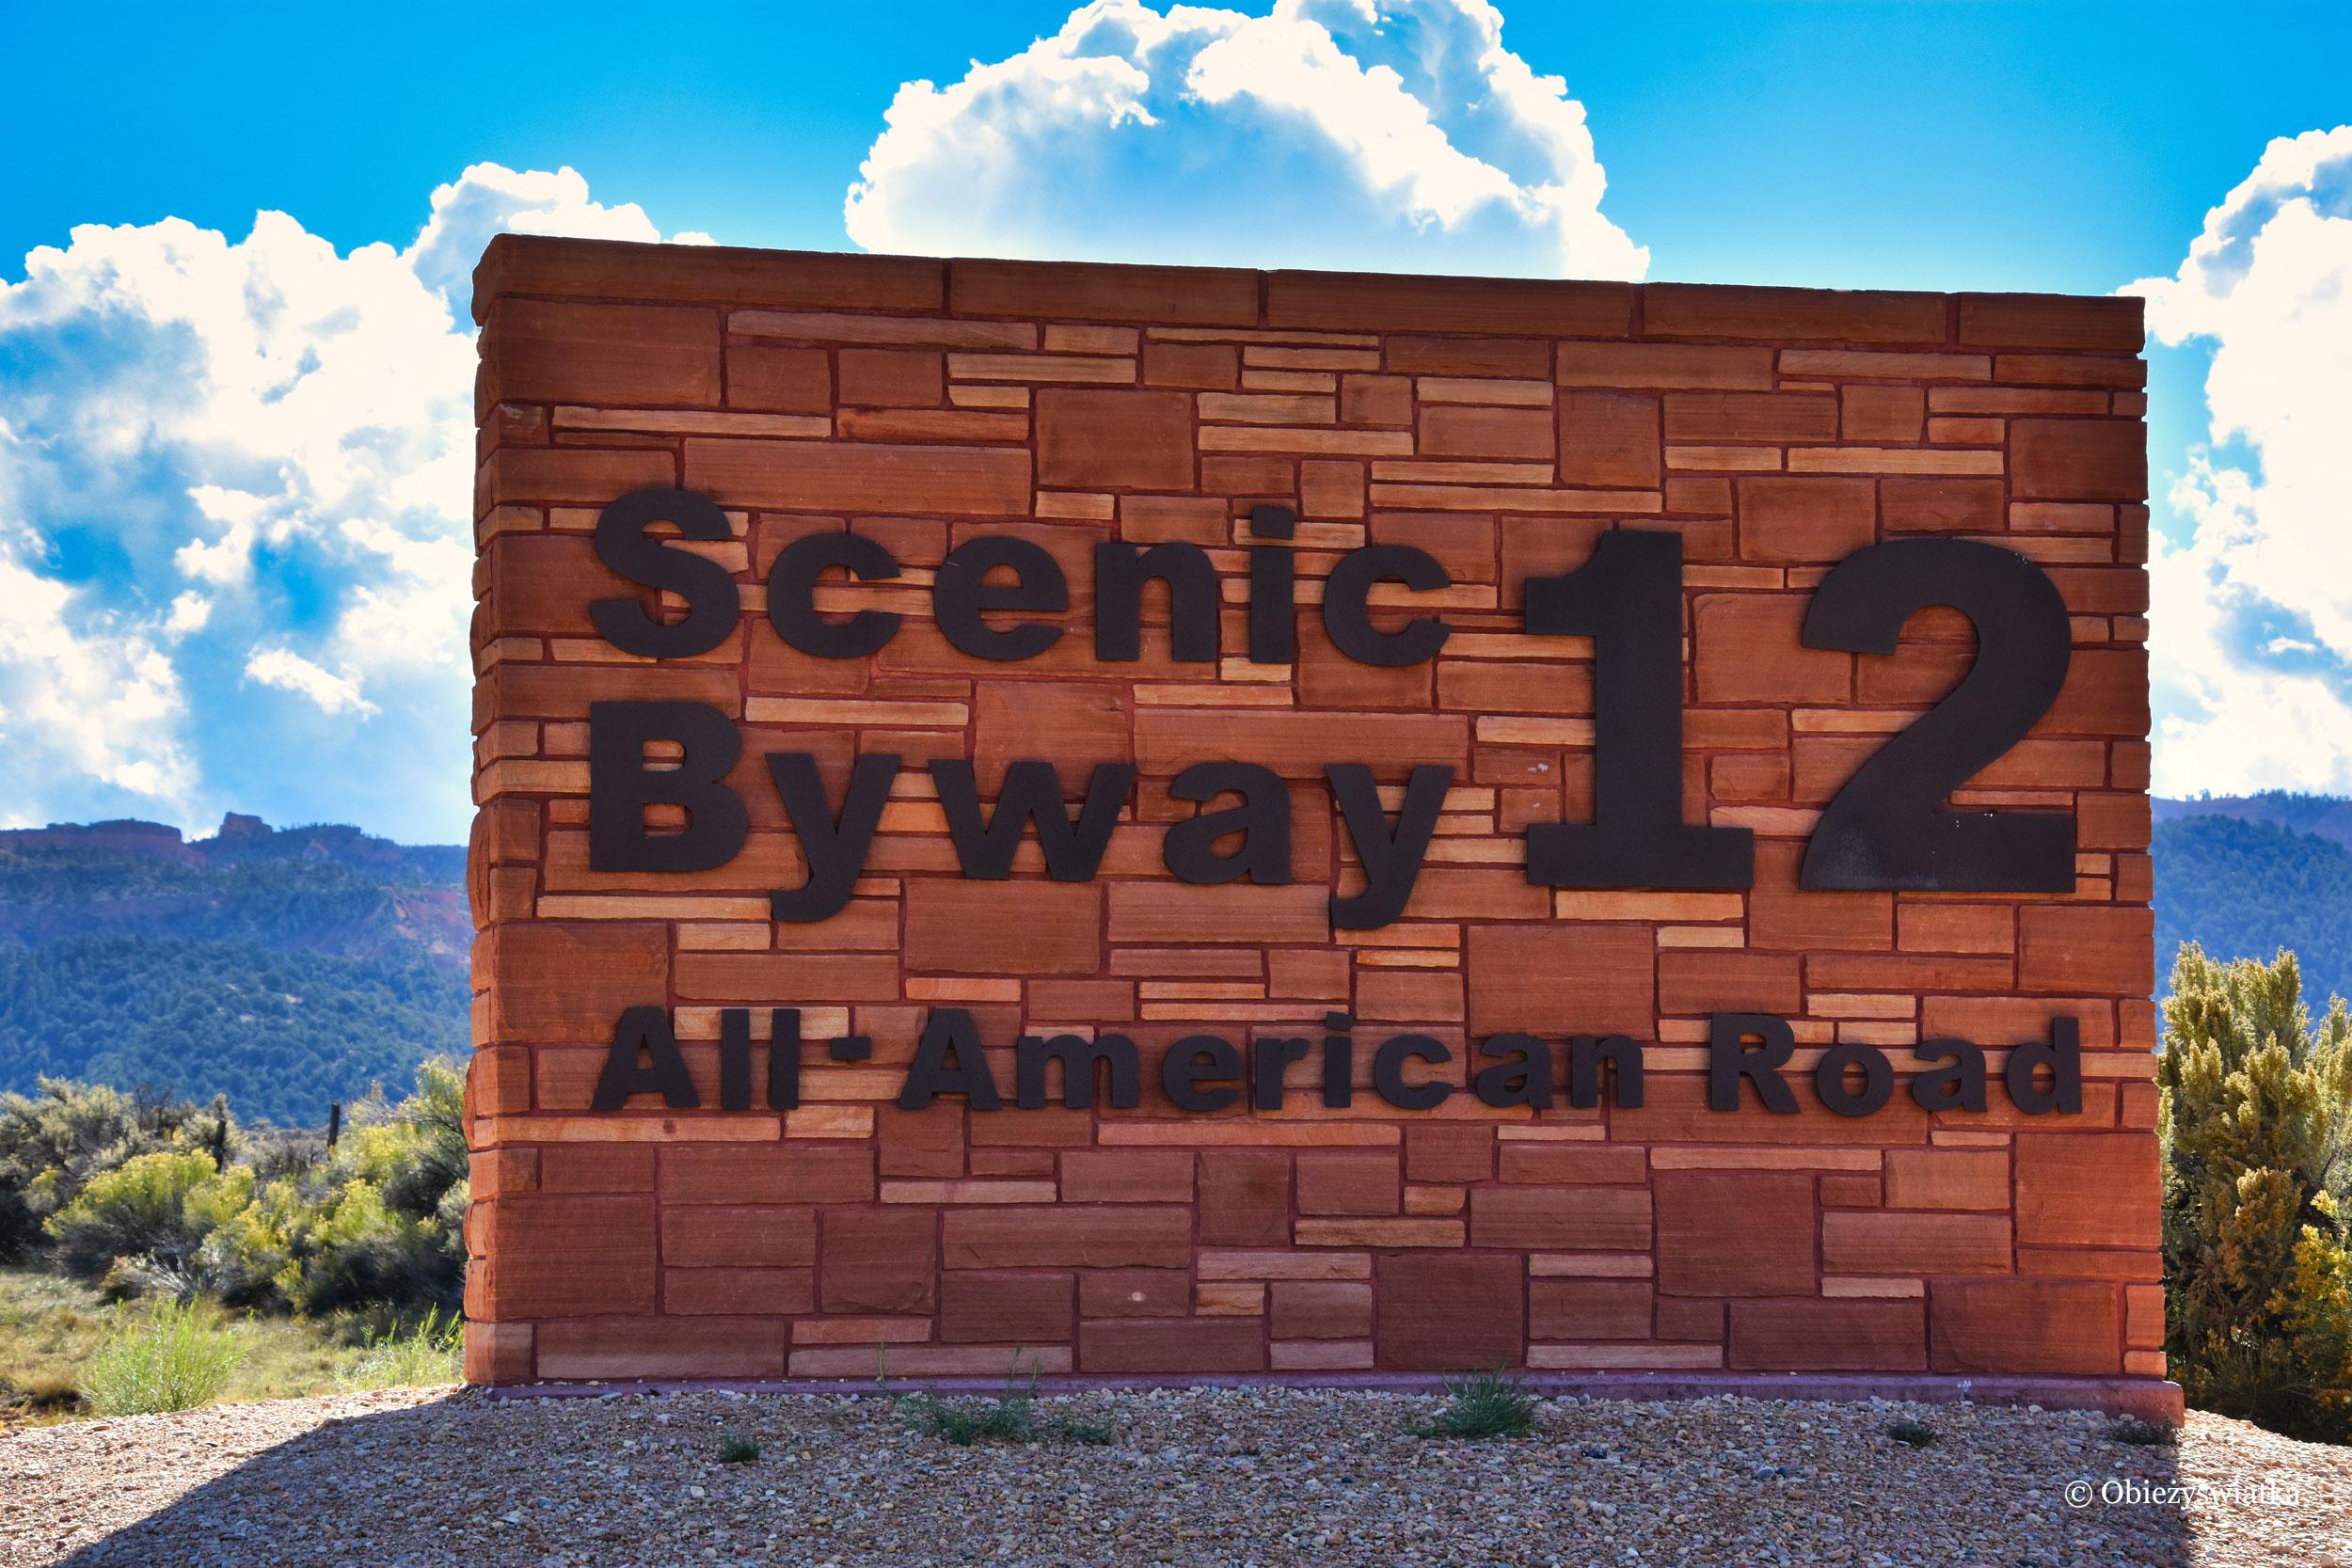 Highway 12 - Scenic Byway, Utah